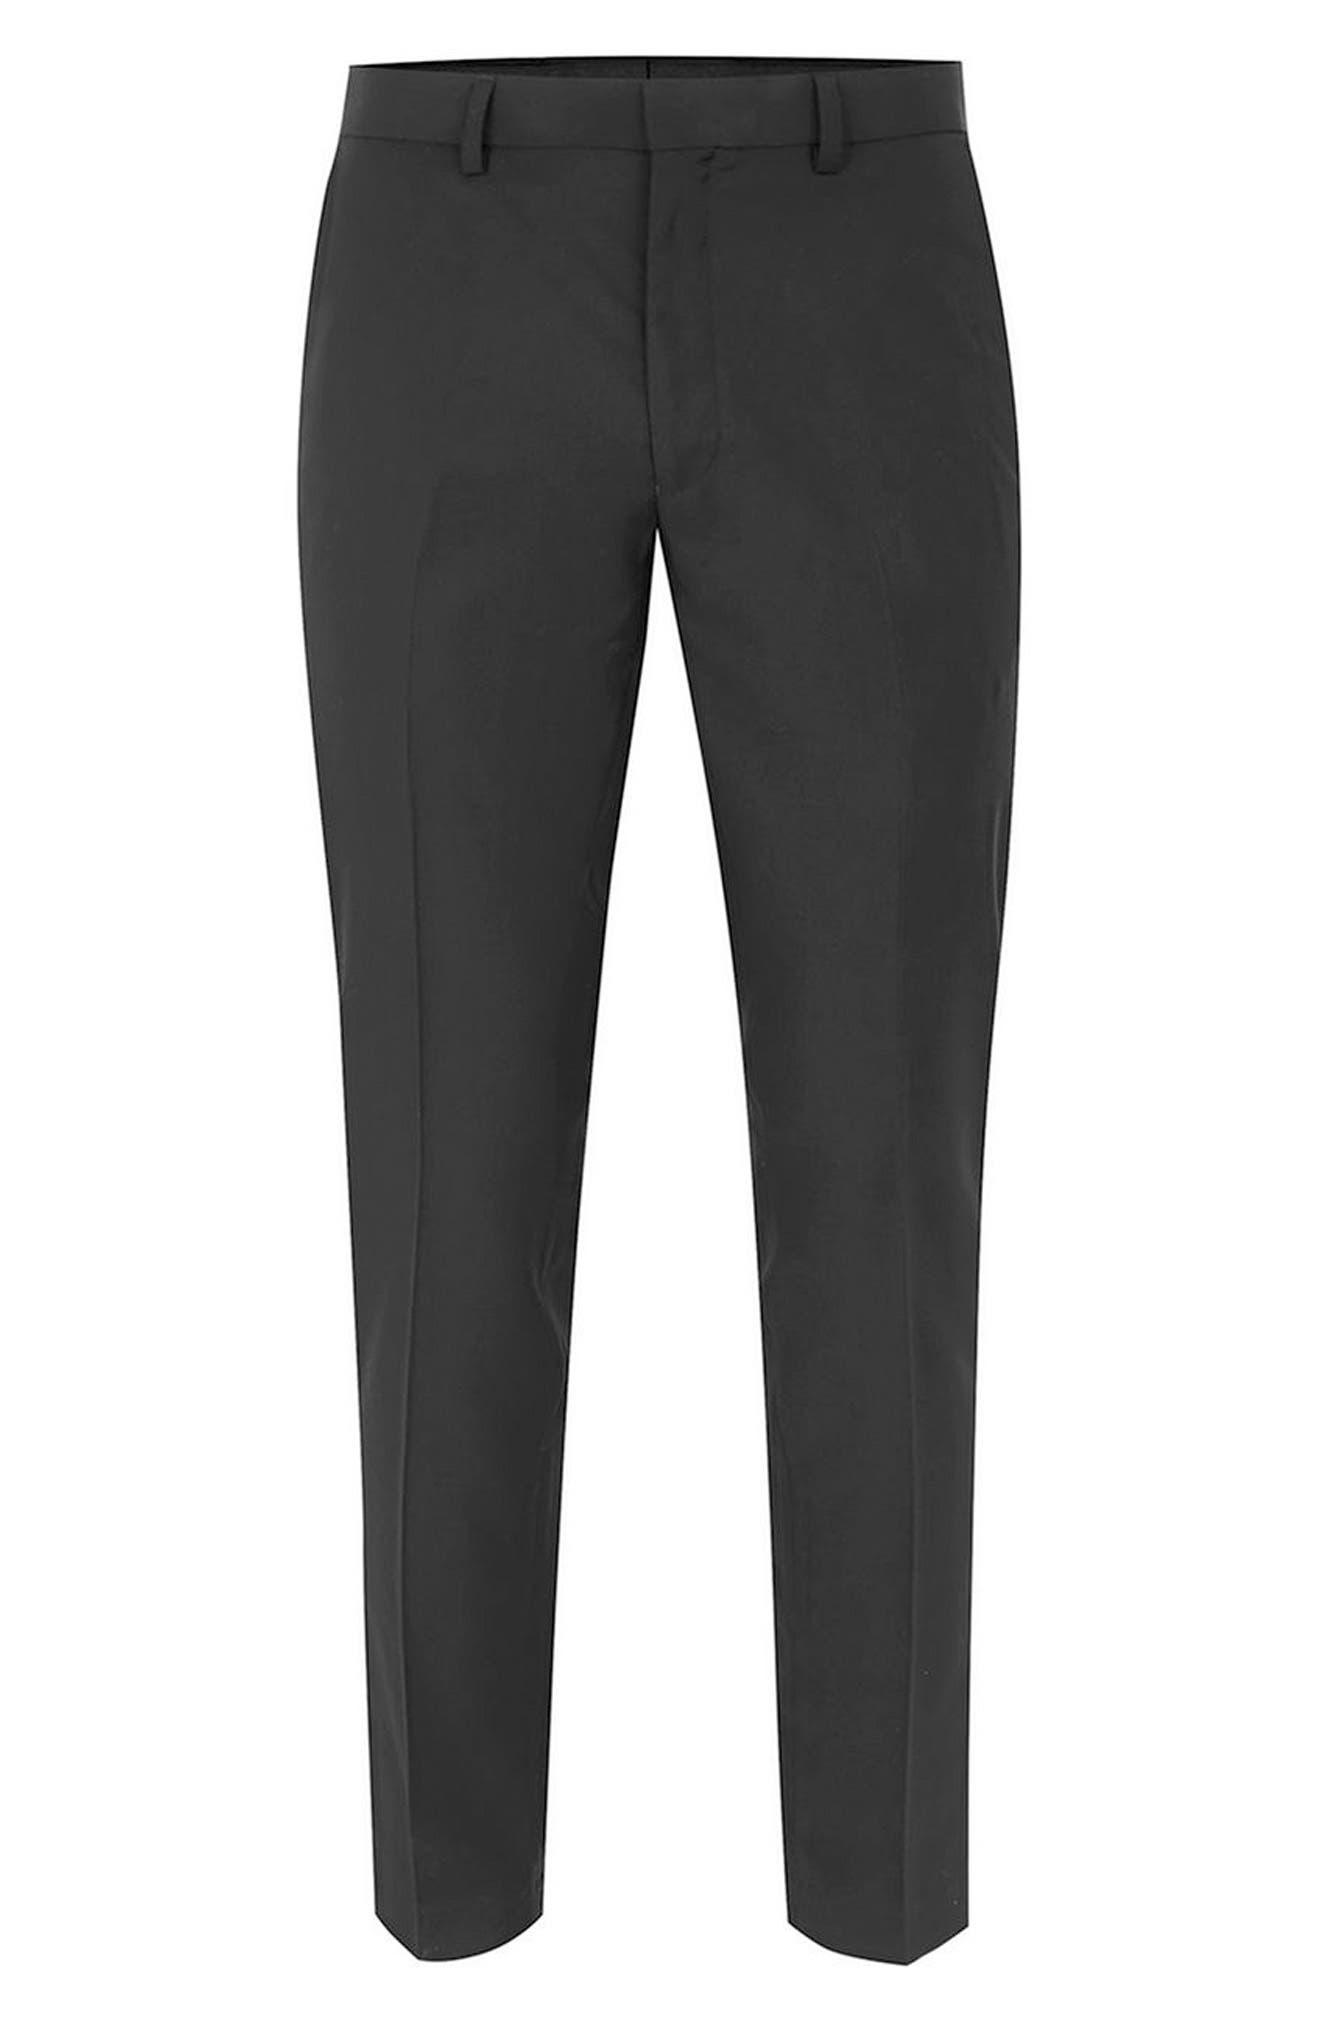 Black Skinny Fit Trousers,                             Alternate thumbnail 4, color,                             Black